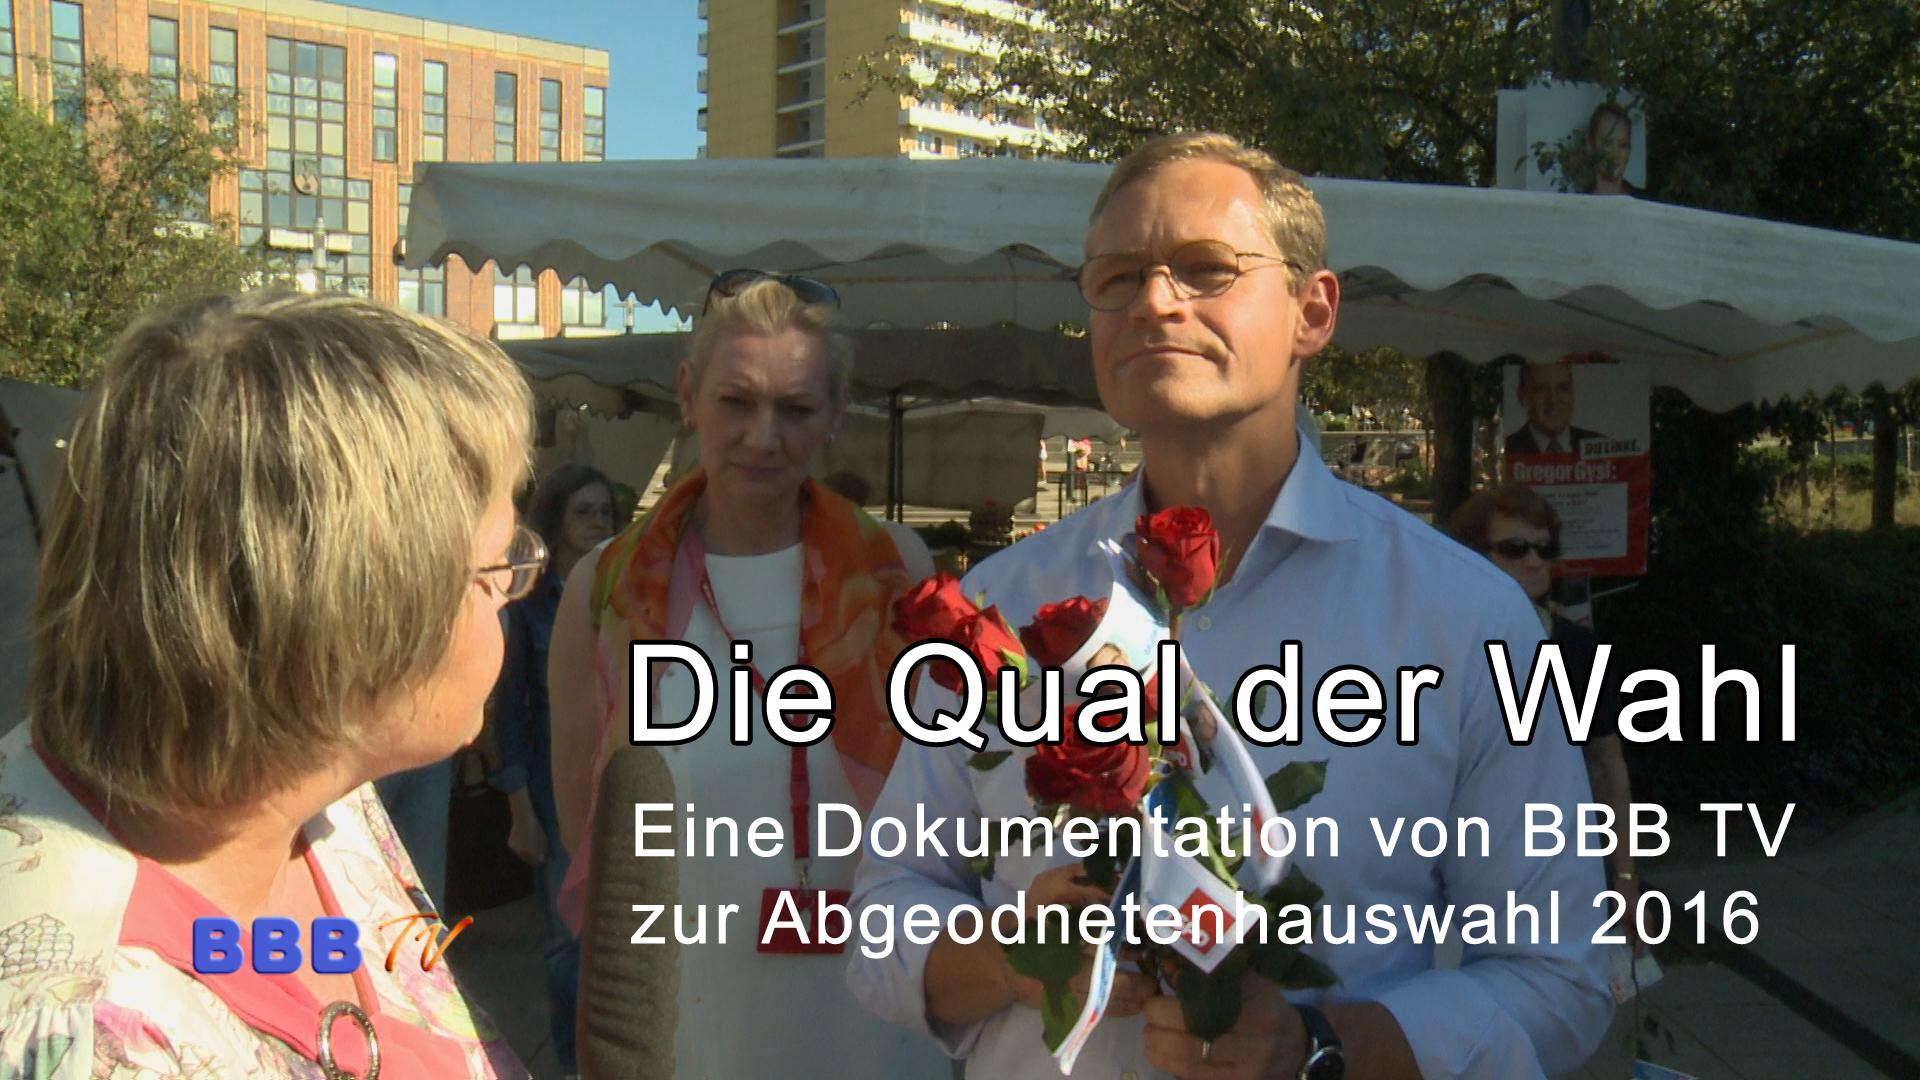 Wen sollten Fluglärmbetroffene am 18.09. in Berlin wählen? Das untersucht der folgende Film. Abgeordnete der SPD und Linkspartei fallen den Bürgern in den Rücken Pressemeldung des Abgeordneten Christoph Schulze (Freie […]